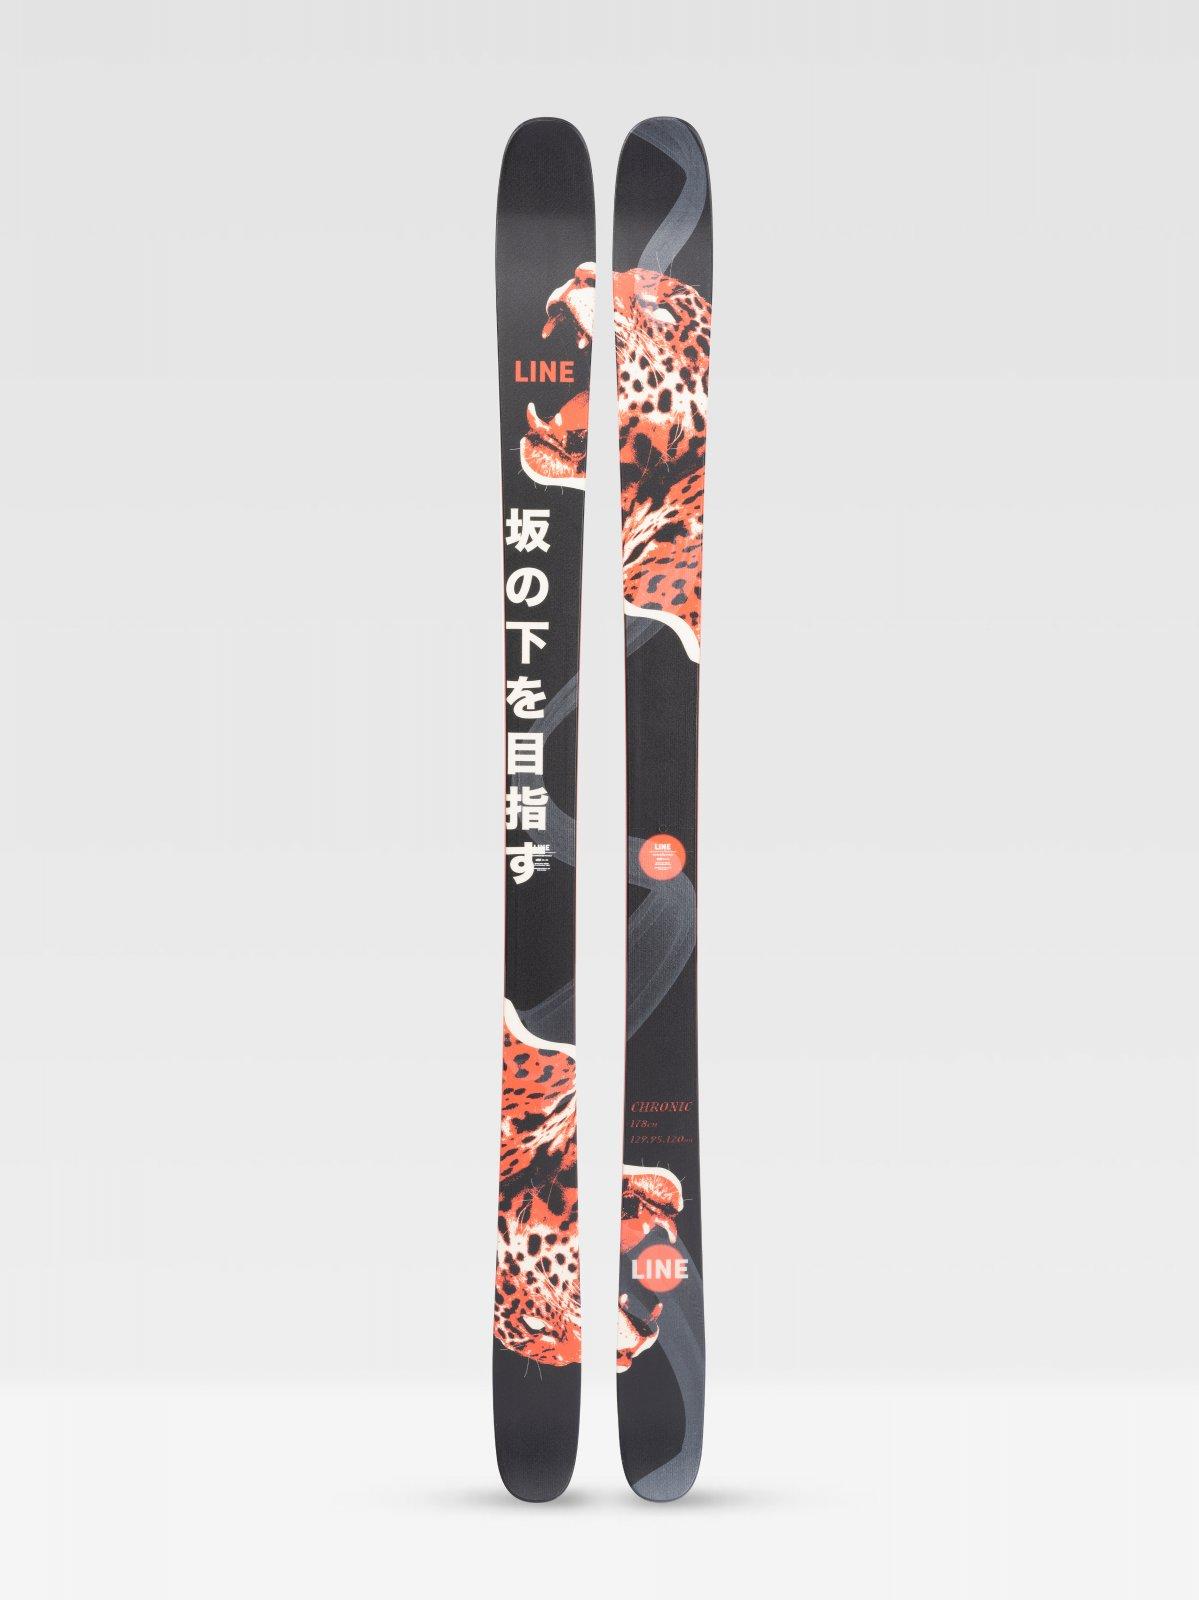 2022 Line Chronic Men's Skis